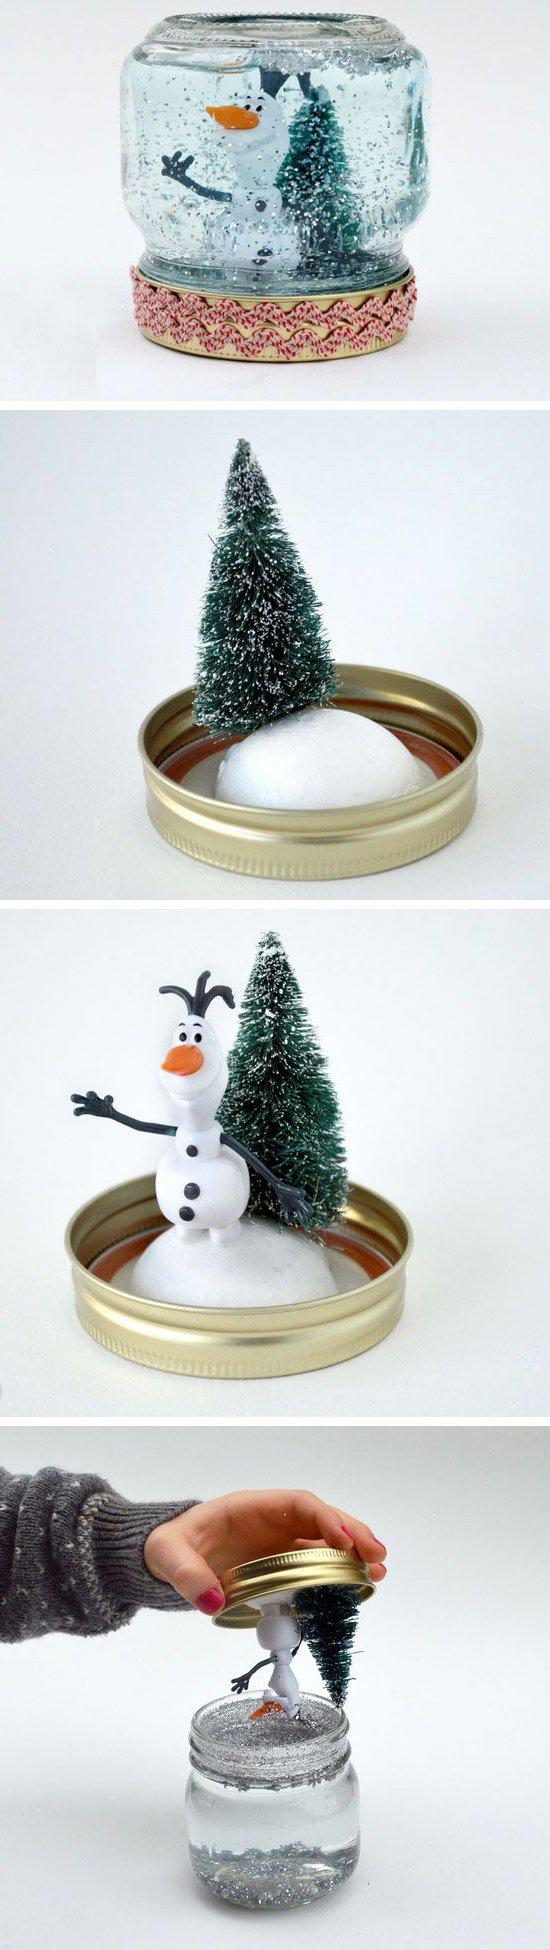 Schneekugeln als Bastelideen für Weihnachten